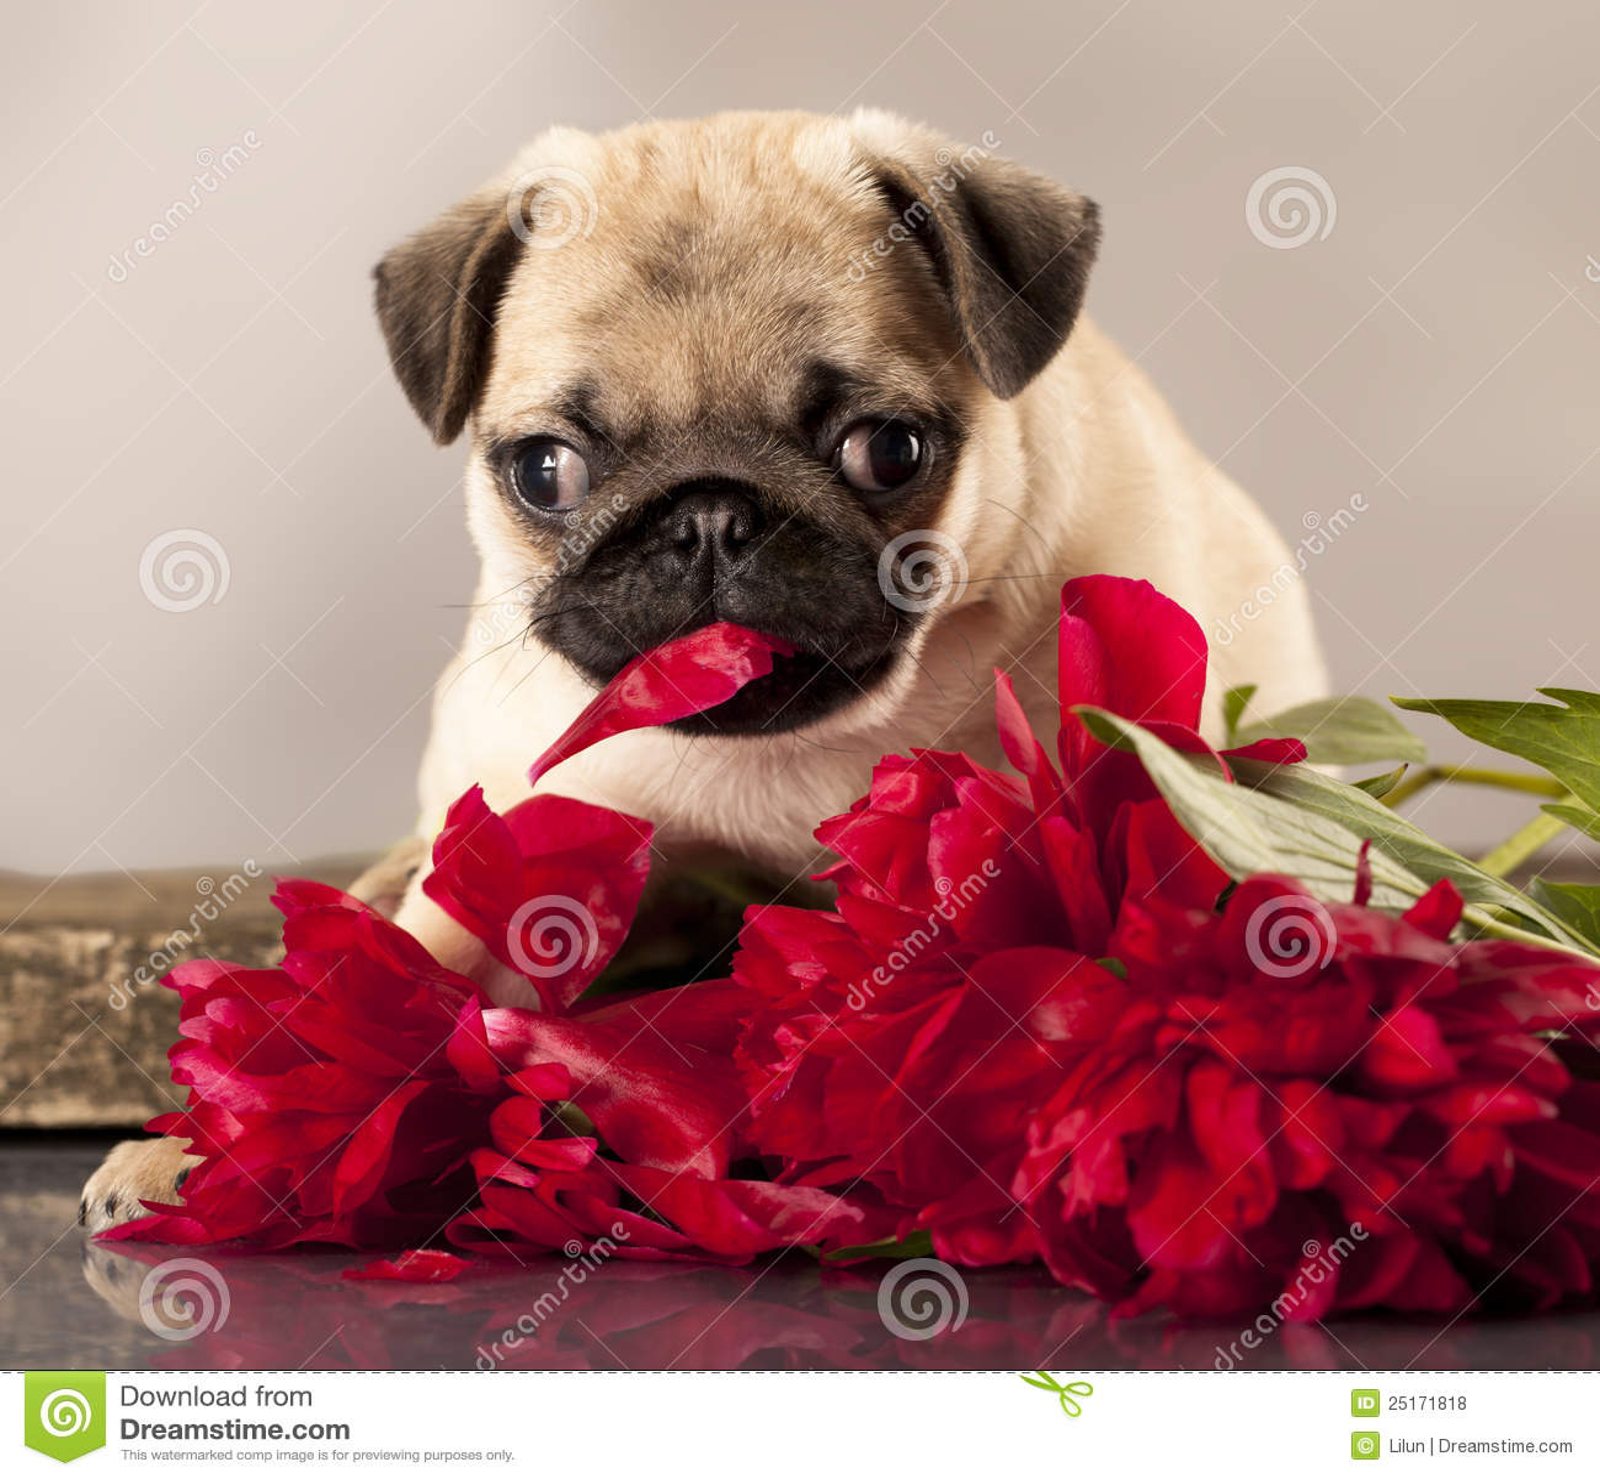 Dog Vector Brown Pug Free